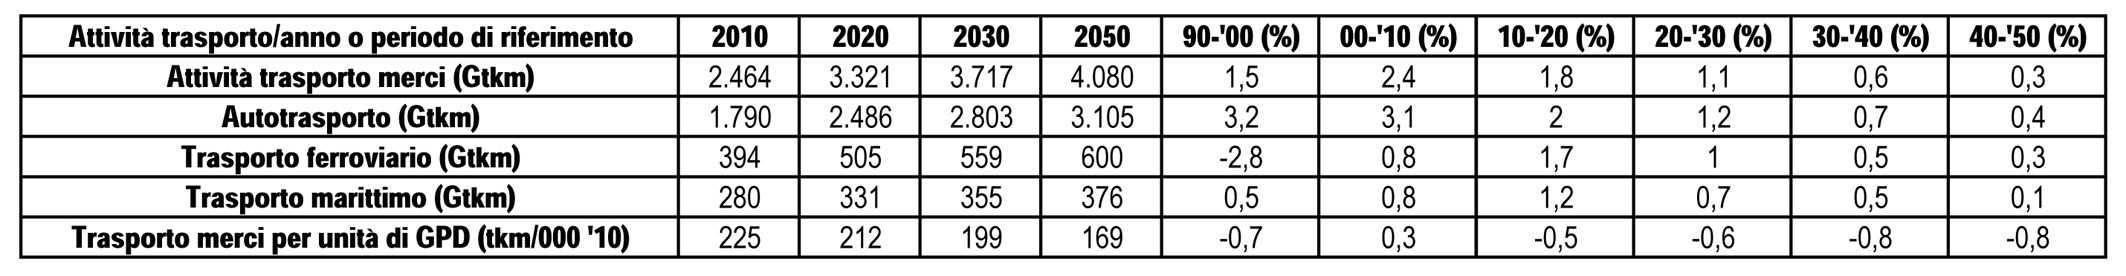 Lo sviluppo delle singole attività di trasporto per anno e periodo di riferimento